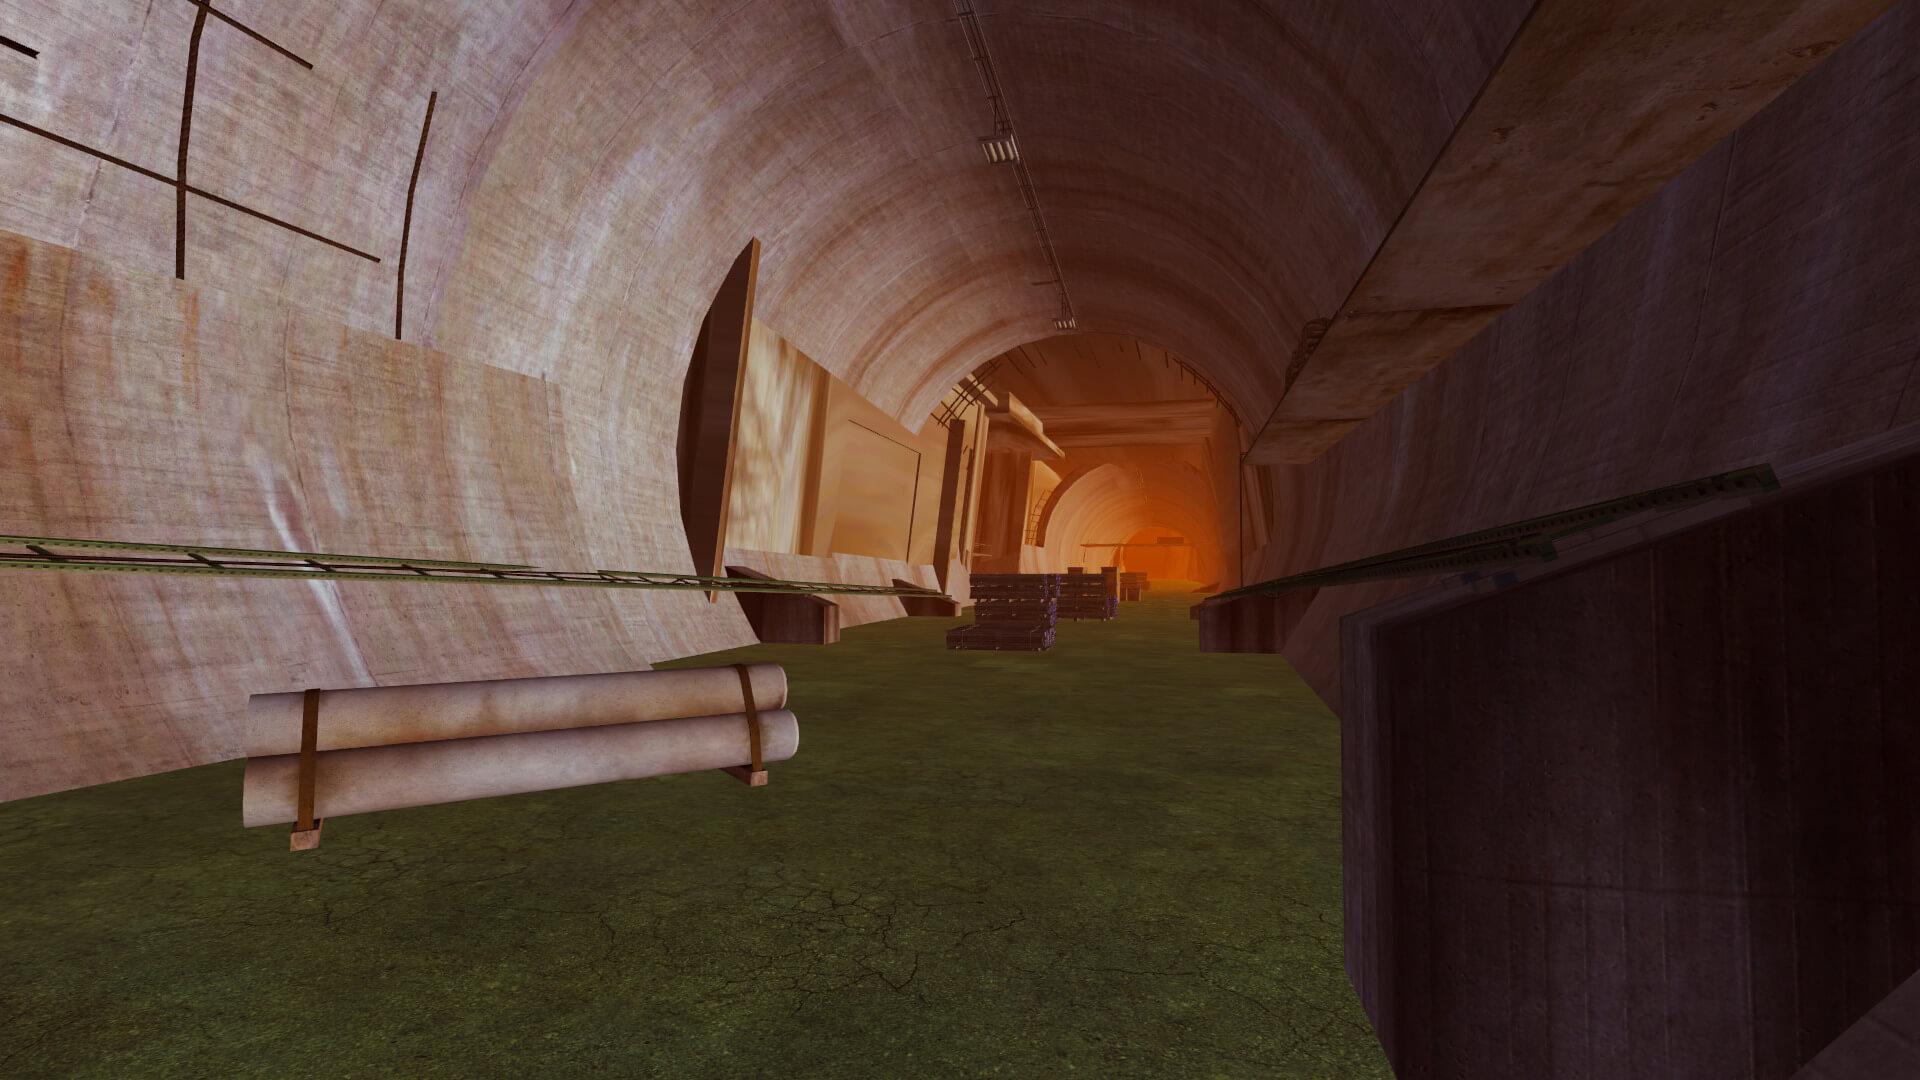 nwm tunnels 2